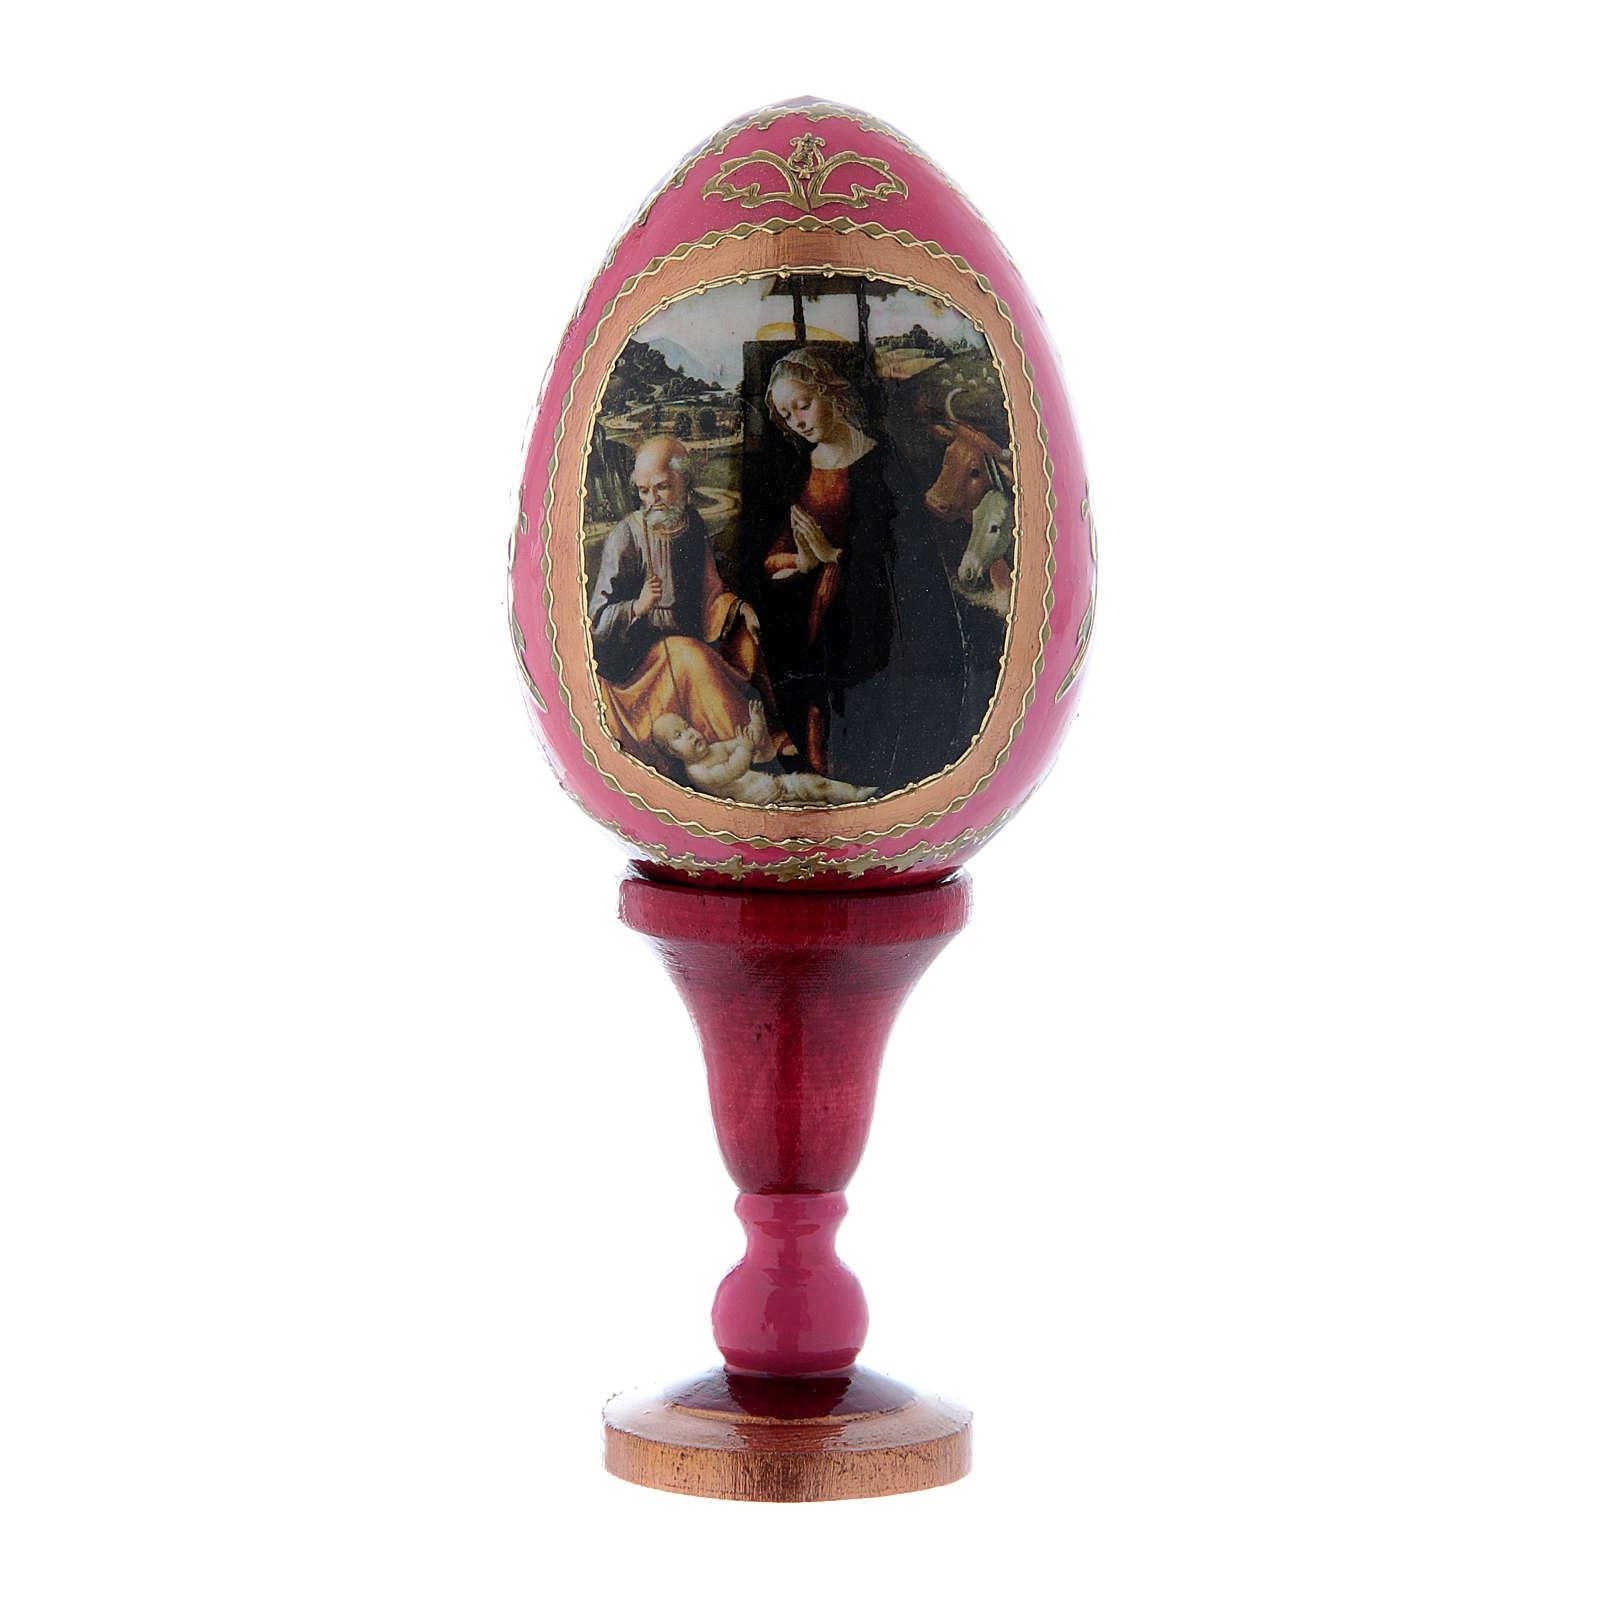 Oeuf russe découpage rouge Nativité h tot 13 cm 4